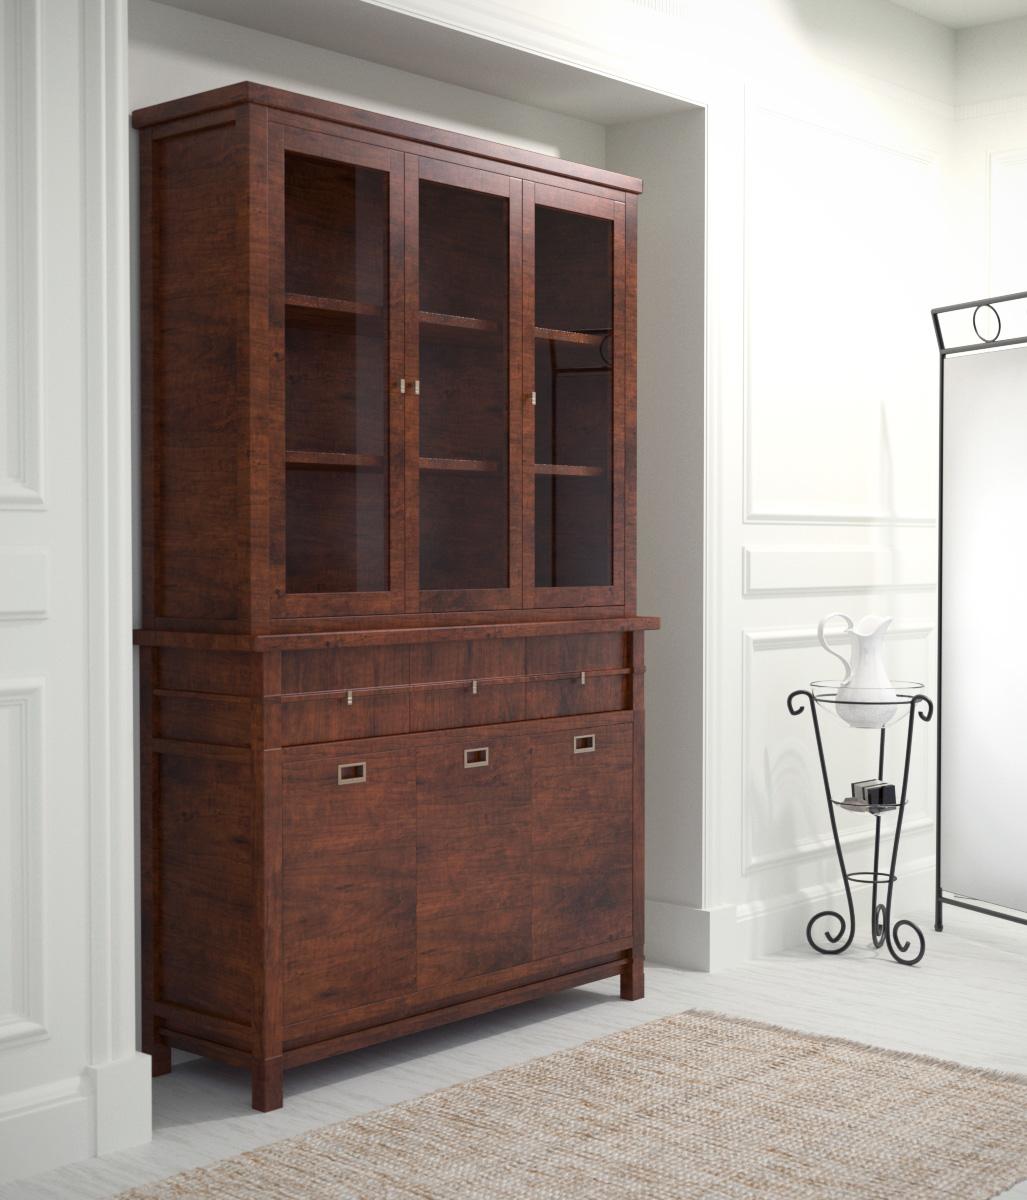 Darkblood furniture visualizat 1 0babe236 y6np